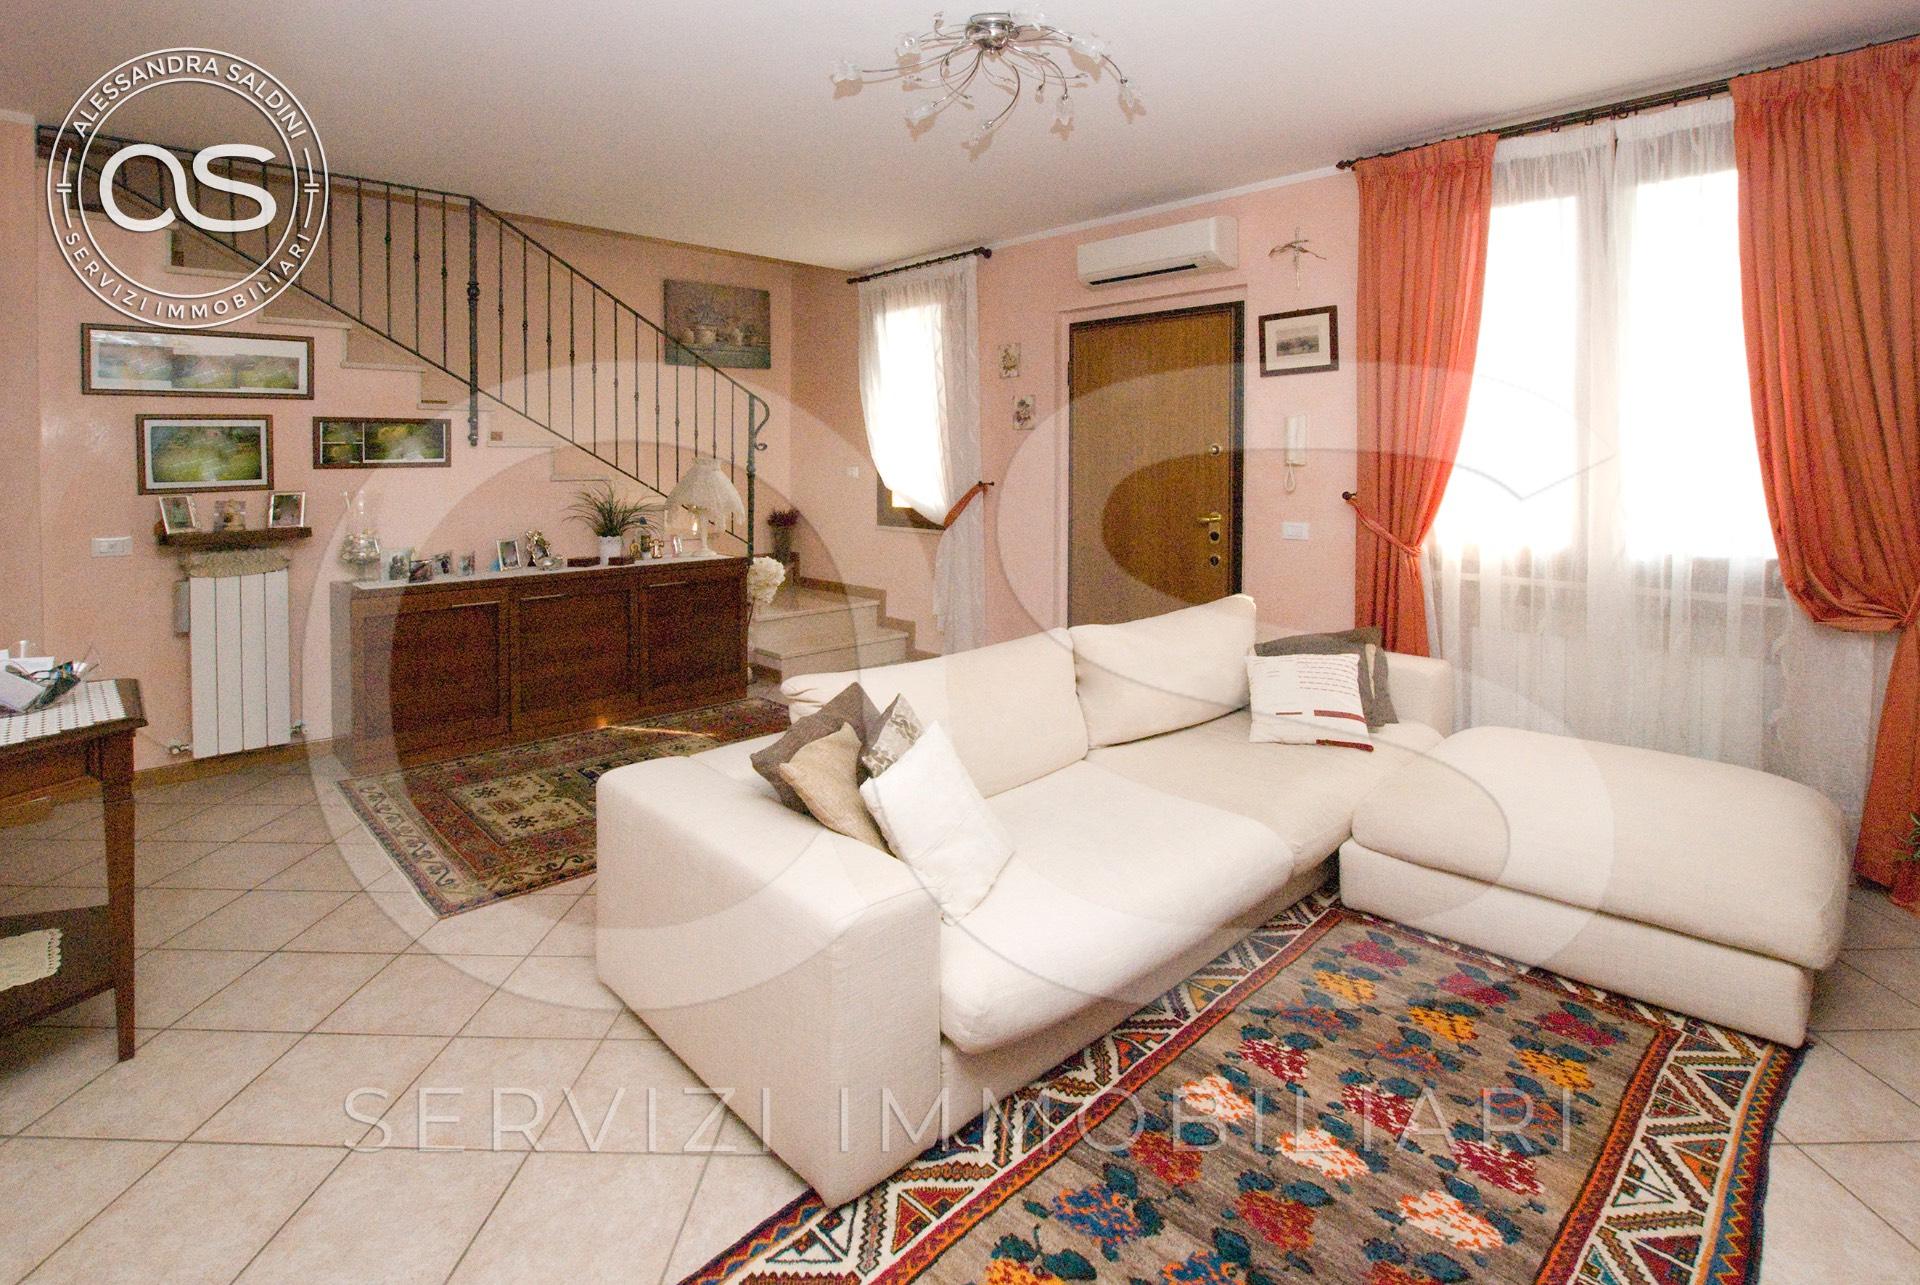 Villetta a schiera in vendita - 146 mq